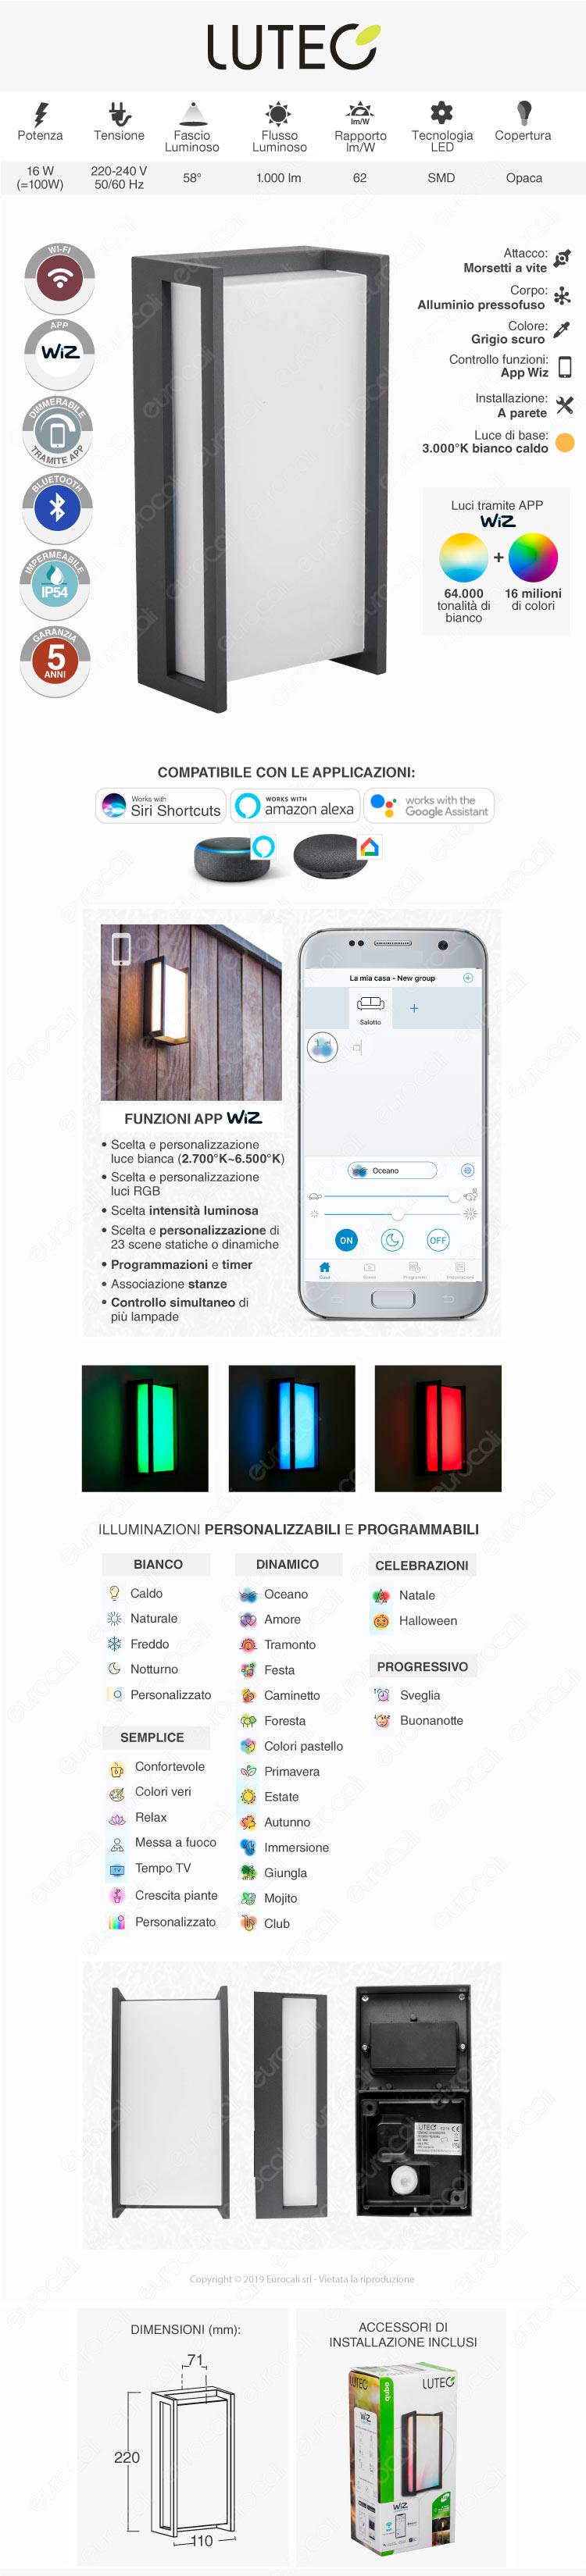 Lutec Qubo Lampada LED da Muro 16W RGB+W 3in1 WiFi IP54